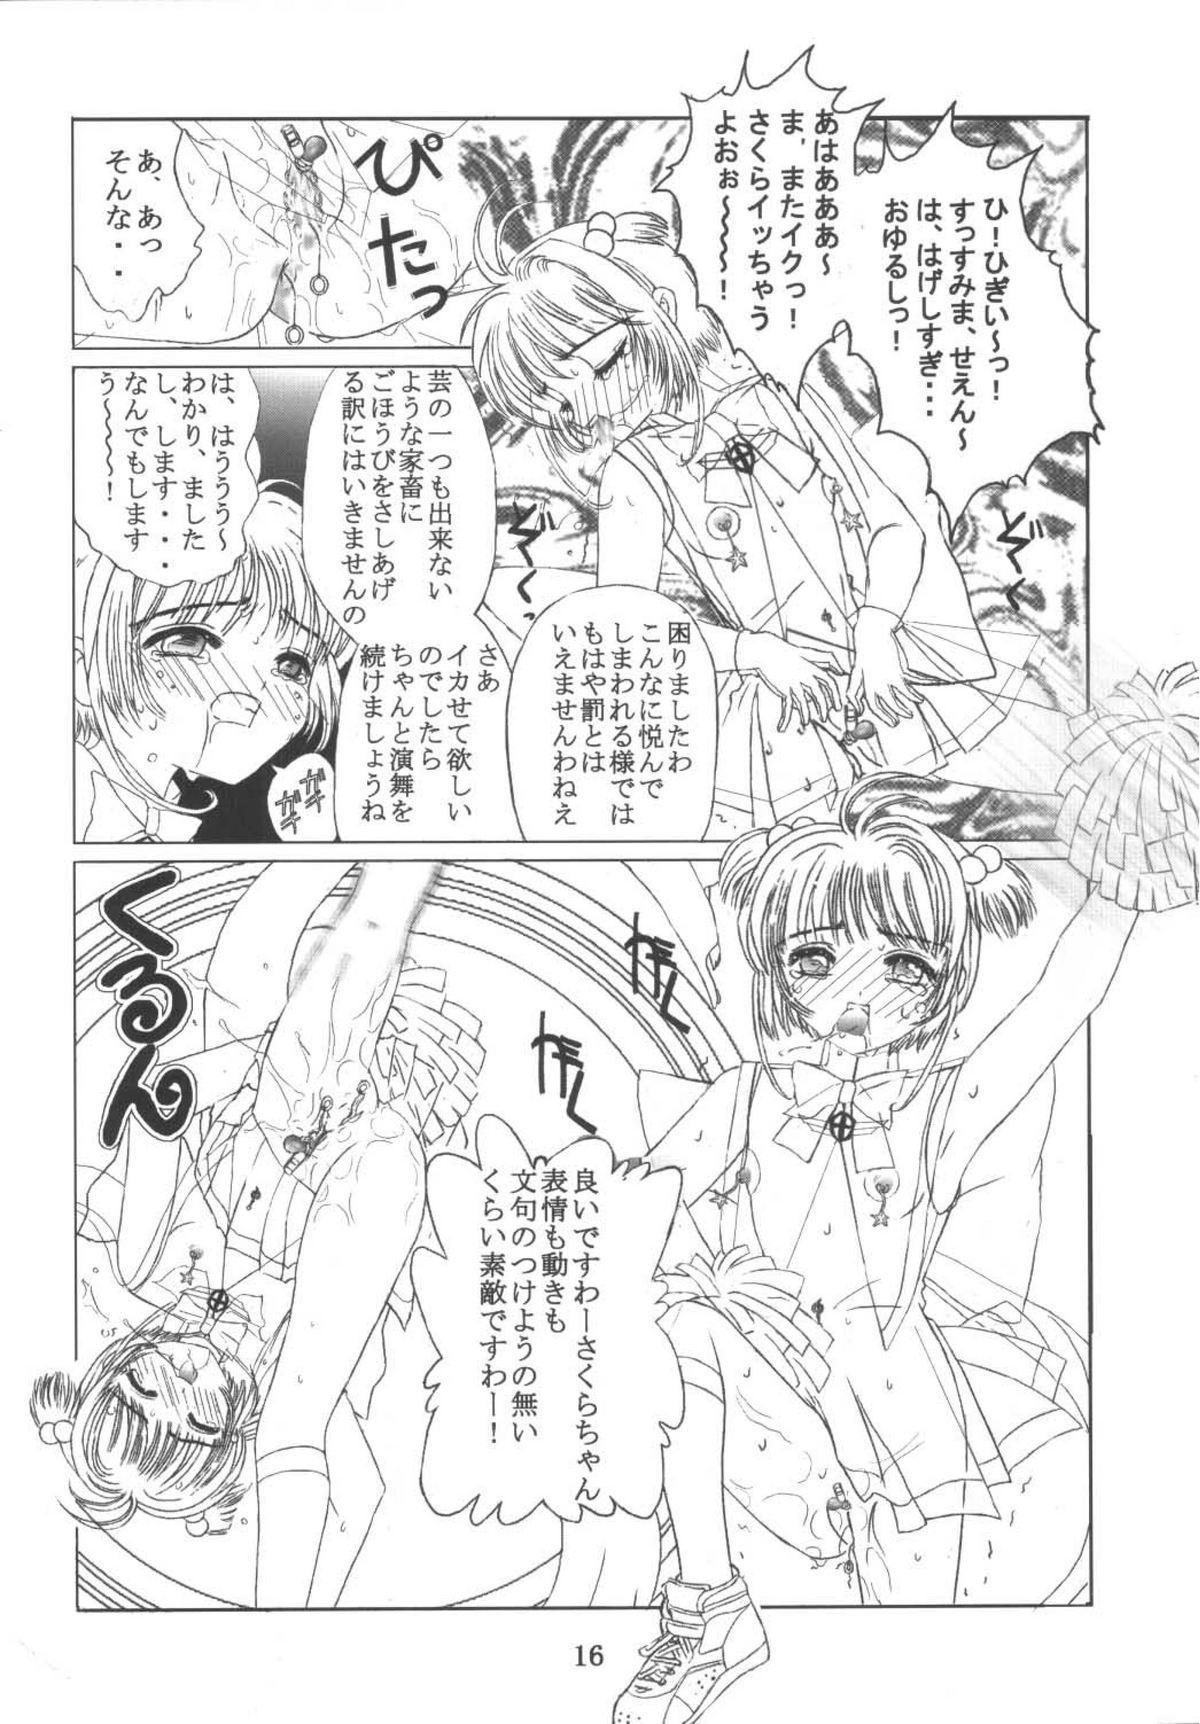 Kuuronziyou 10 Sakura-chan de Asobou 5 15